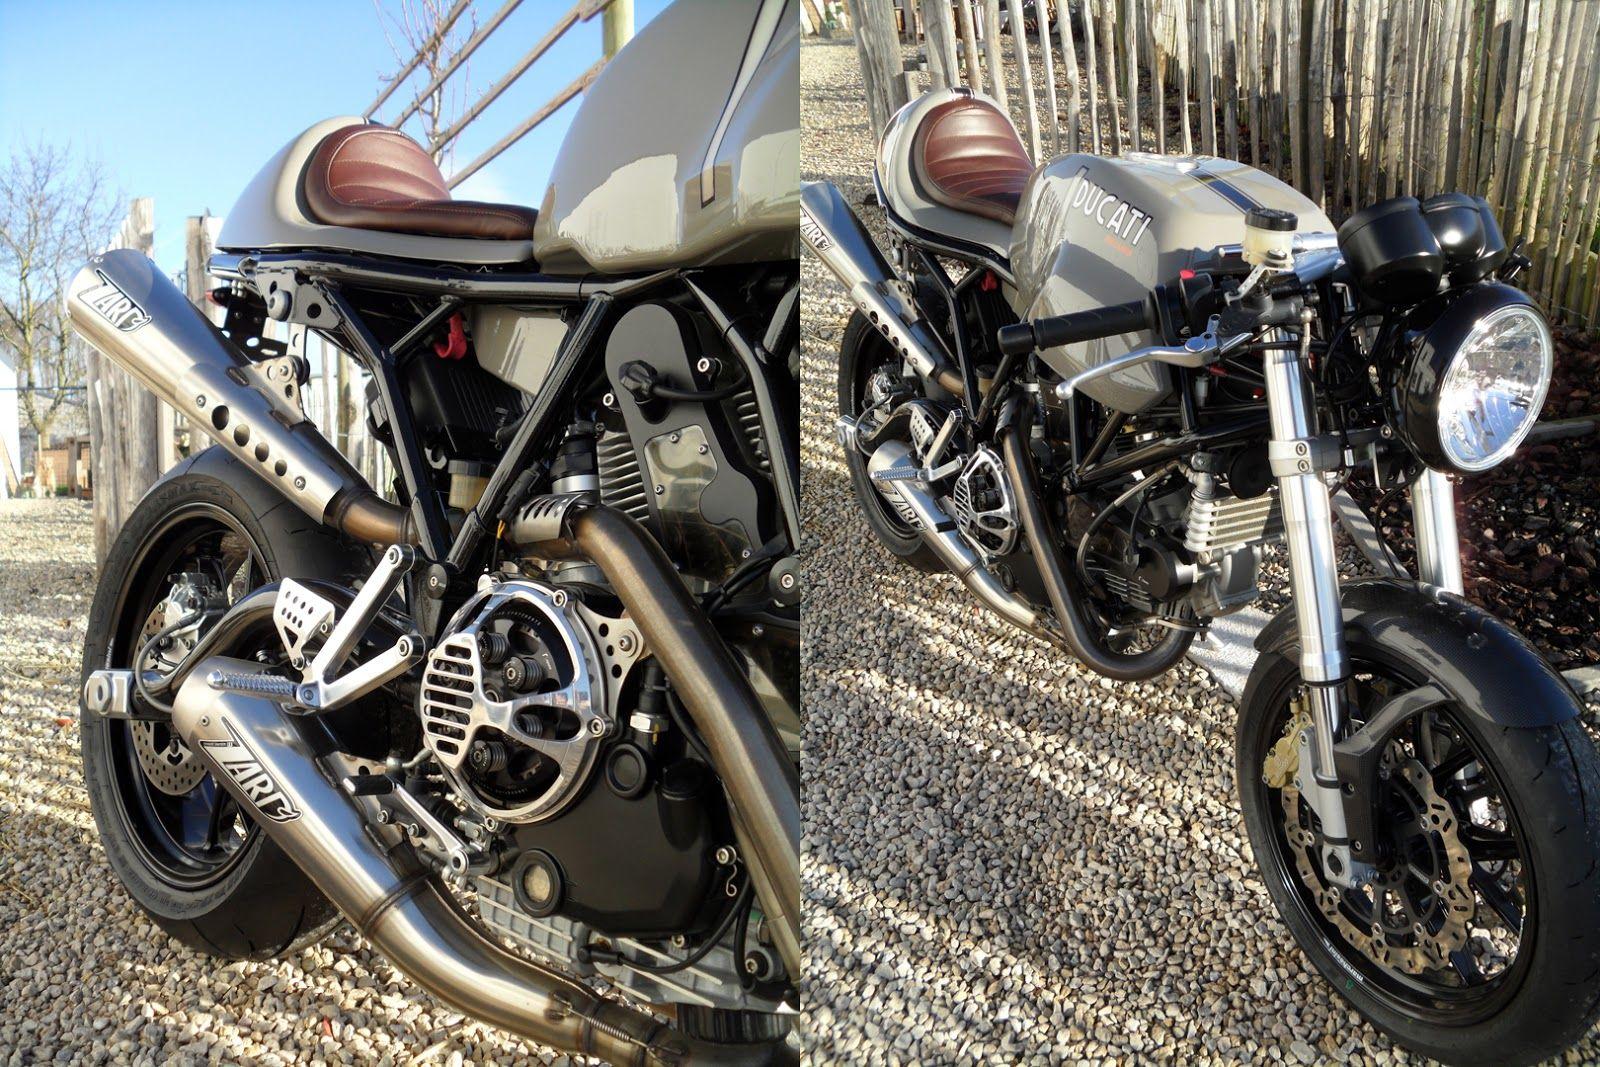 Ducati Sport 1000 custom revival Ducati sport 1000